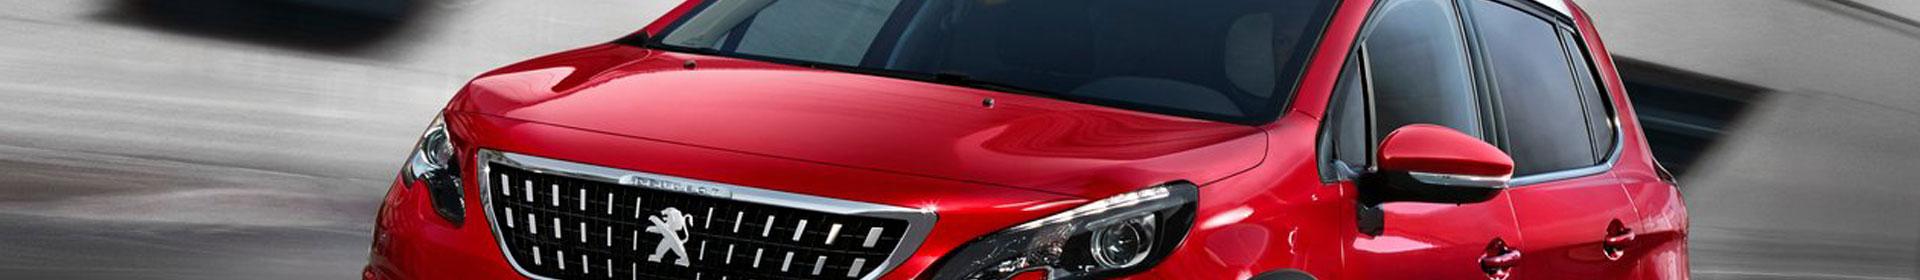 Auto Louwes nieuwe en gebruikte auto's - ABC onderhoud